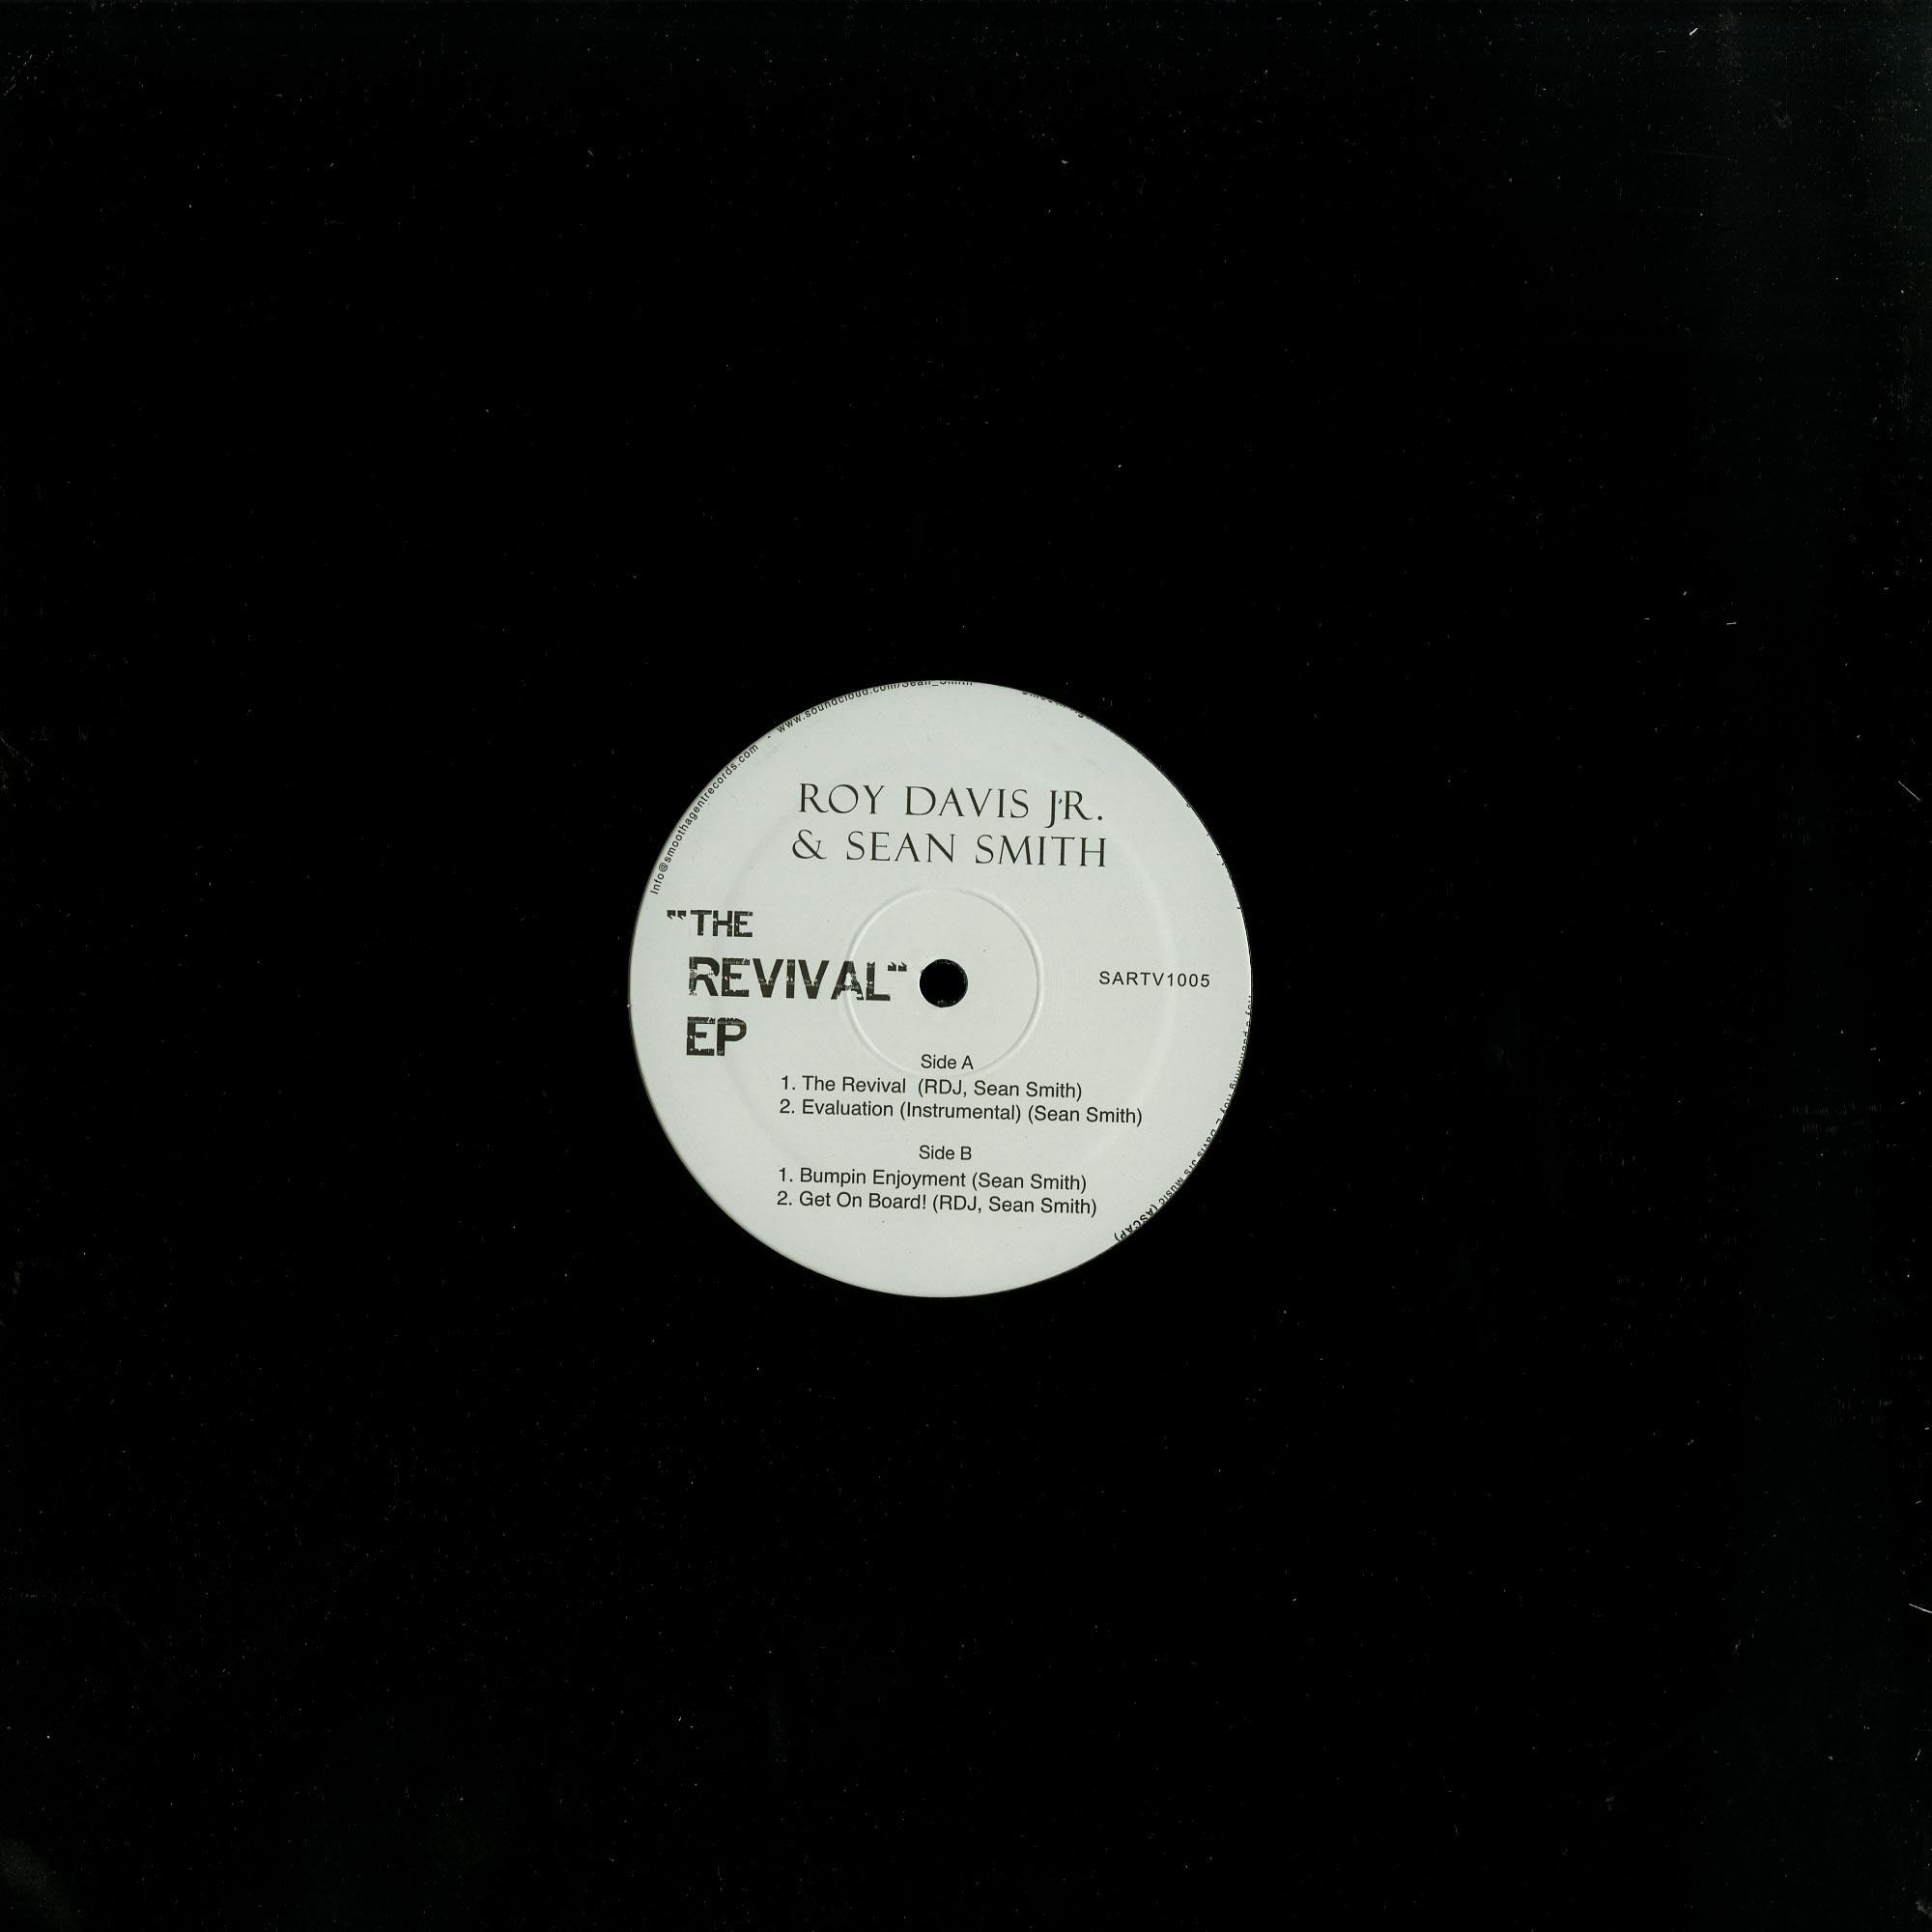 Roy Davis Jr. & Sean Smith - REVIVAL EP